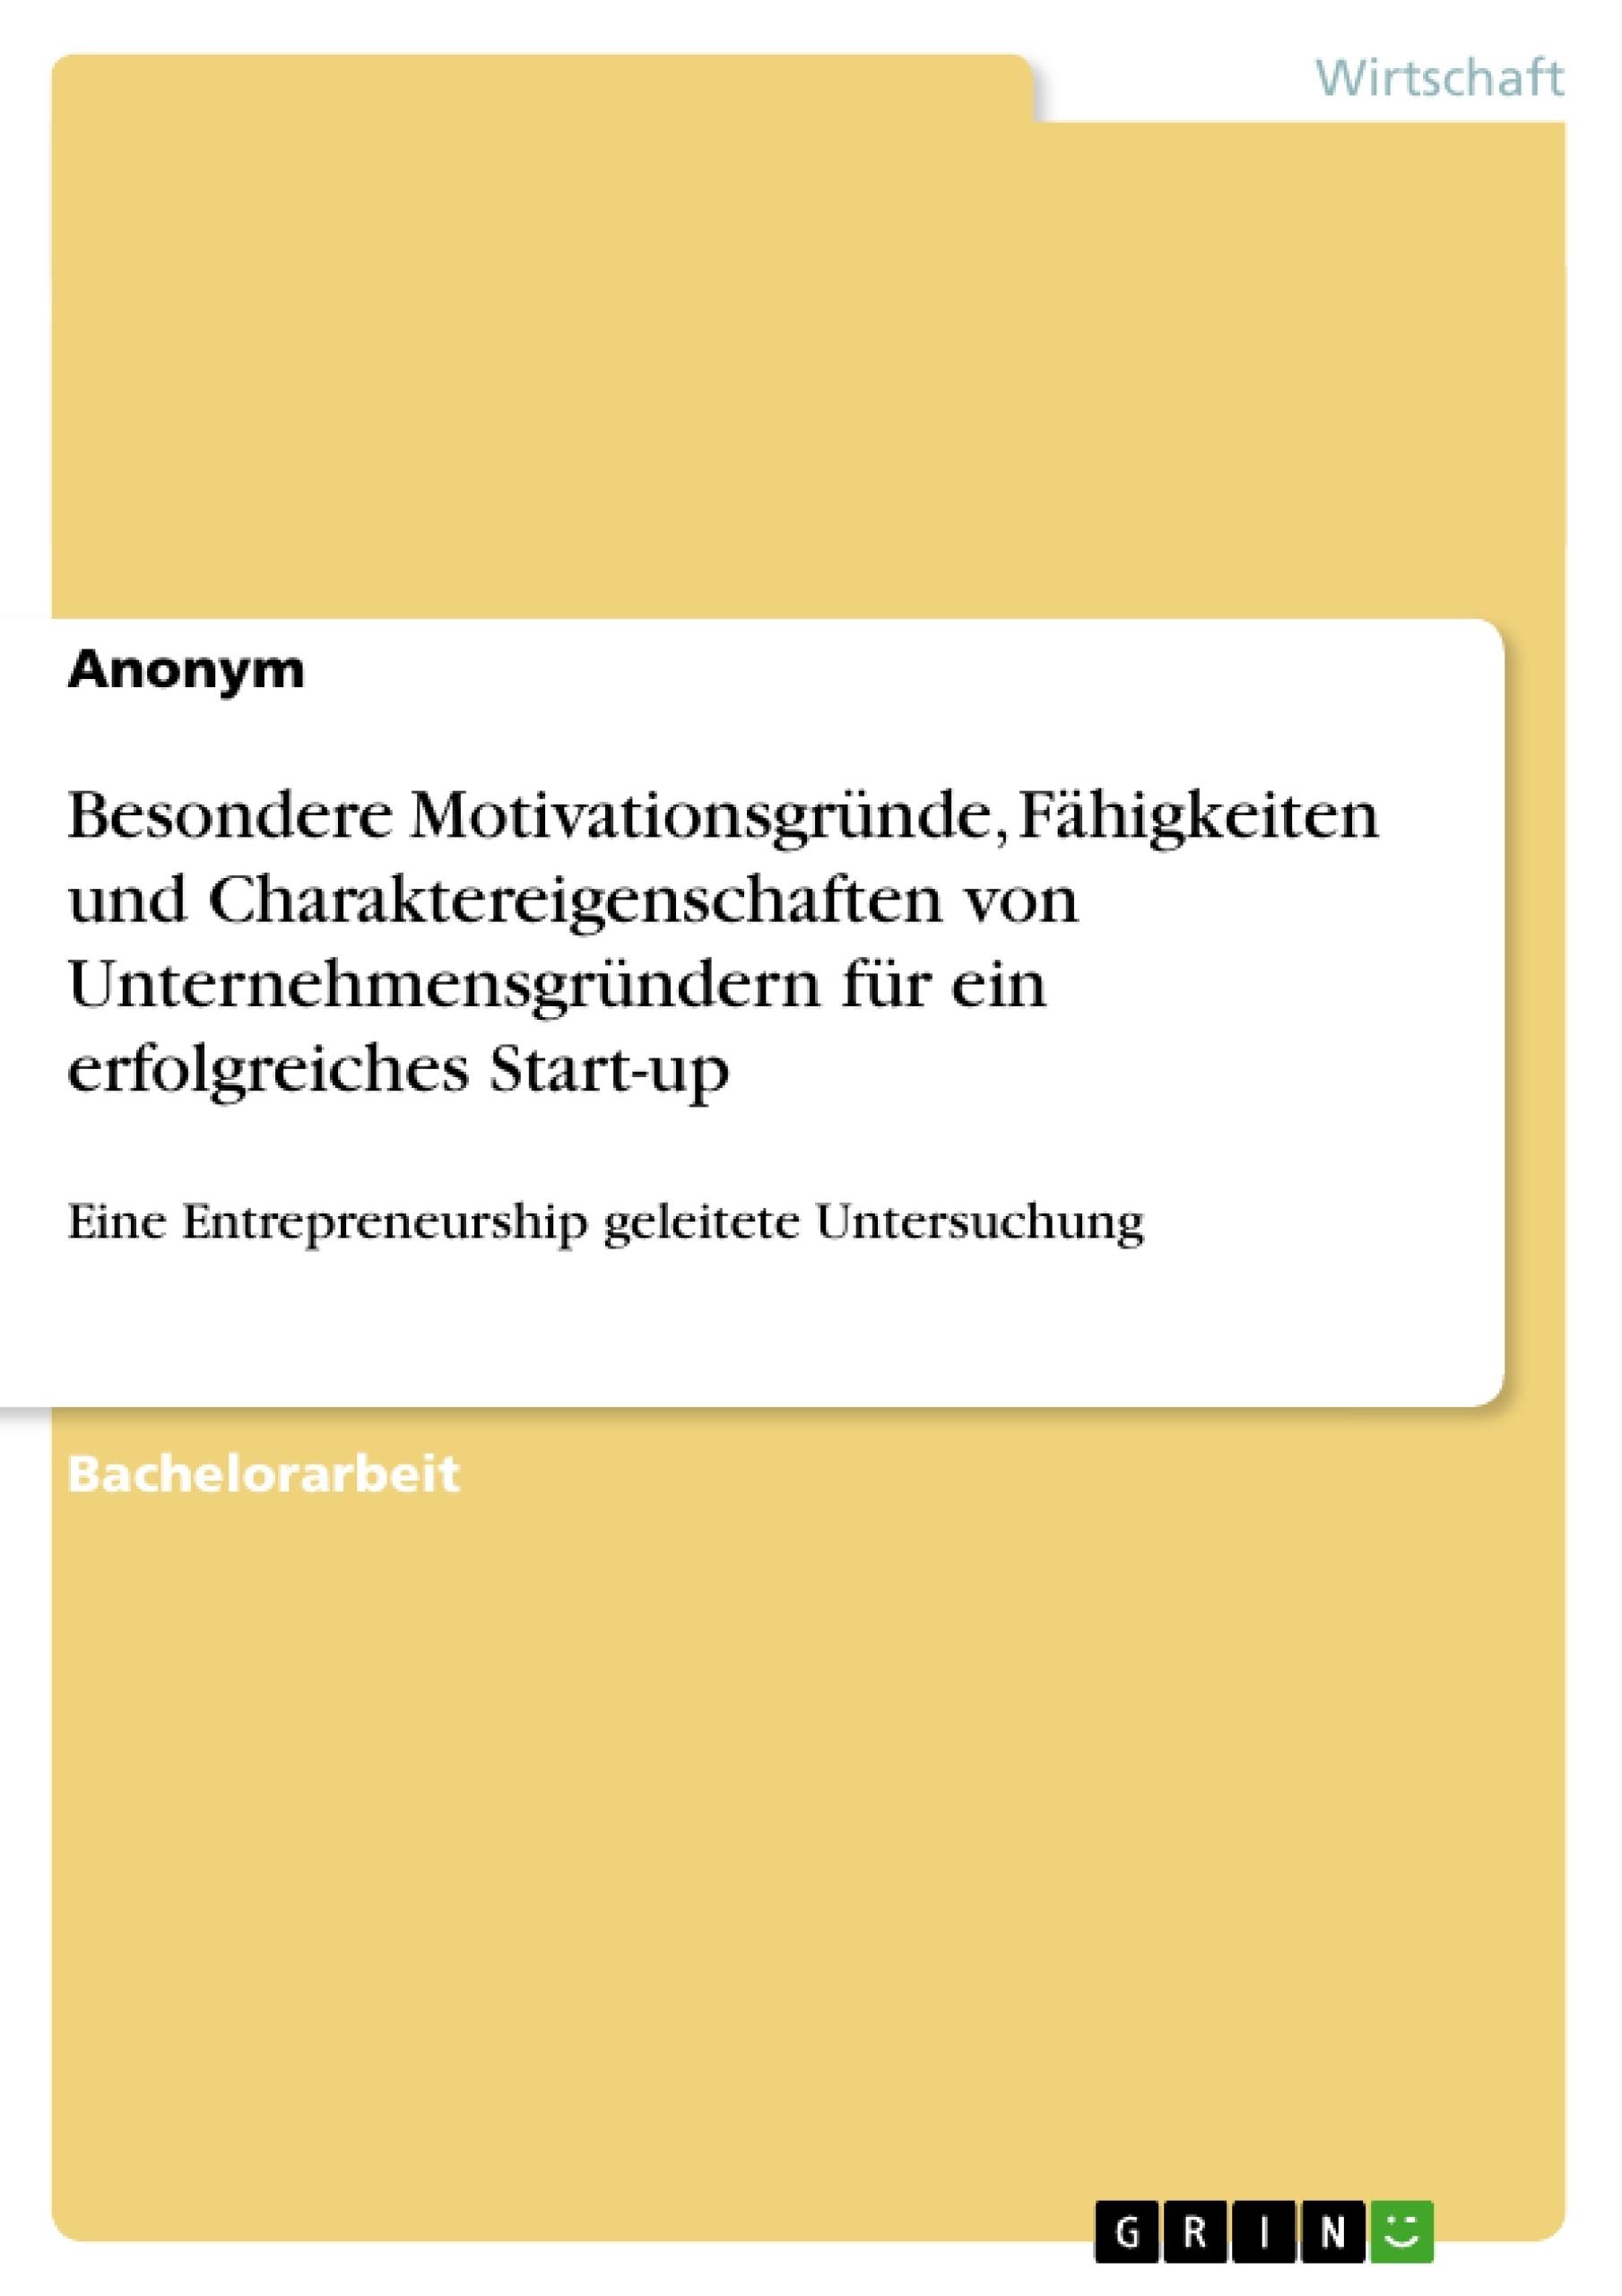 Titel: Besondere Motivationsgründe, Fähigkeiten und Charaktereigenschaften von Unternehmensgründern für ein erfolgreiches Start-up